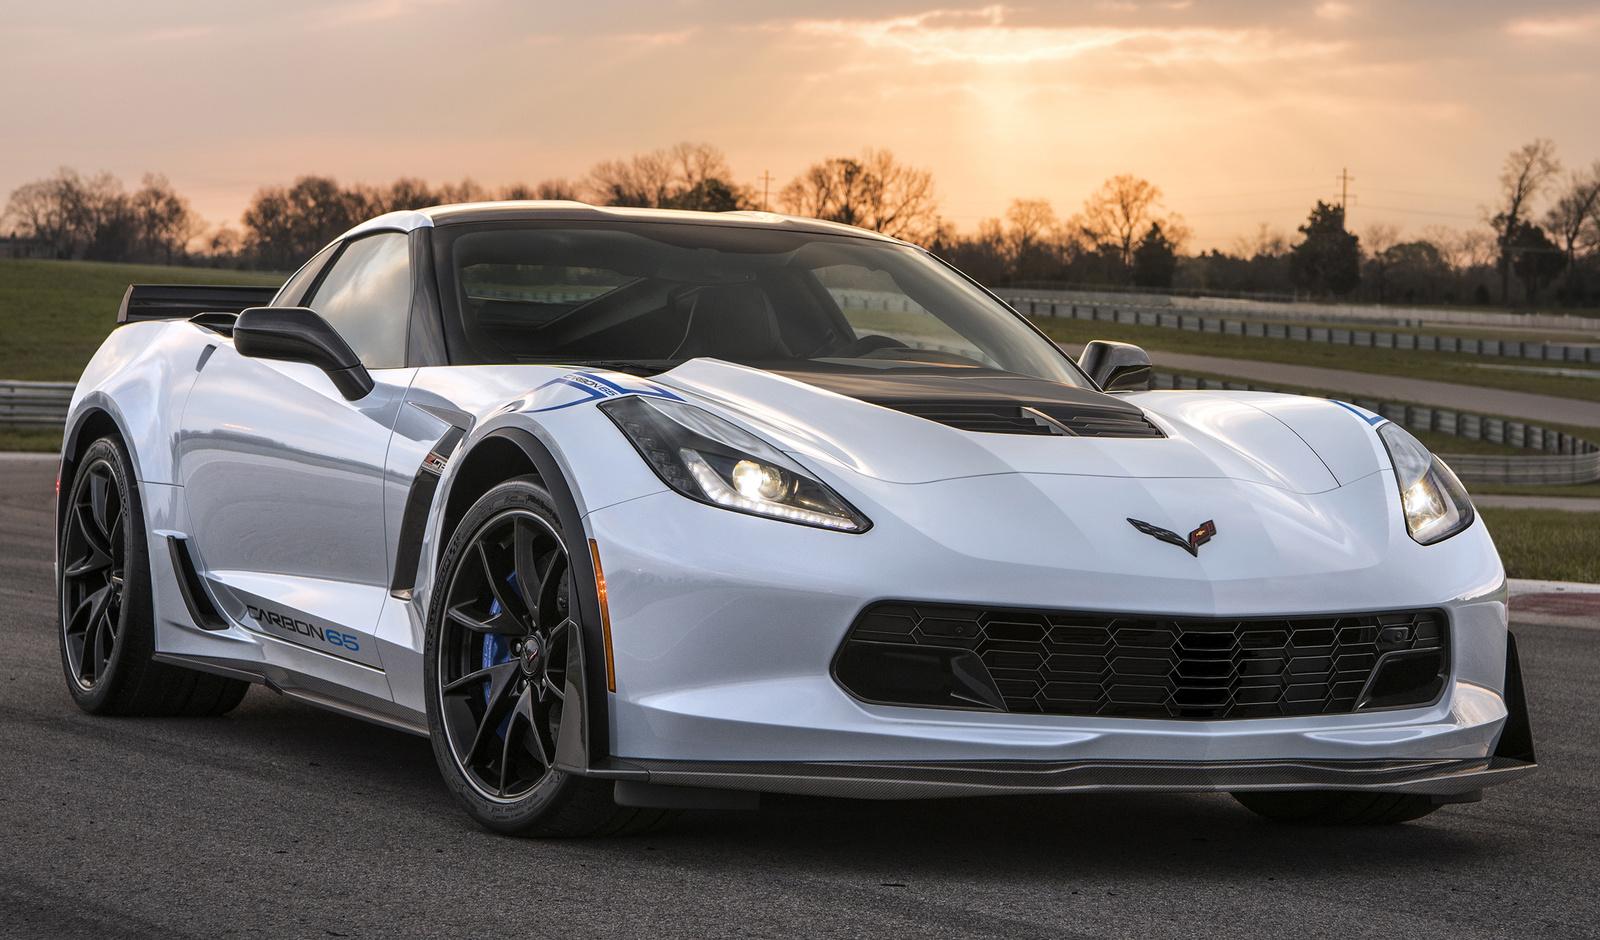 2018 Chevrolet Corvette Test Drive Review Cargurus